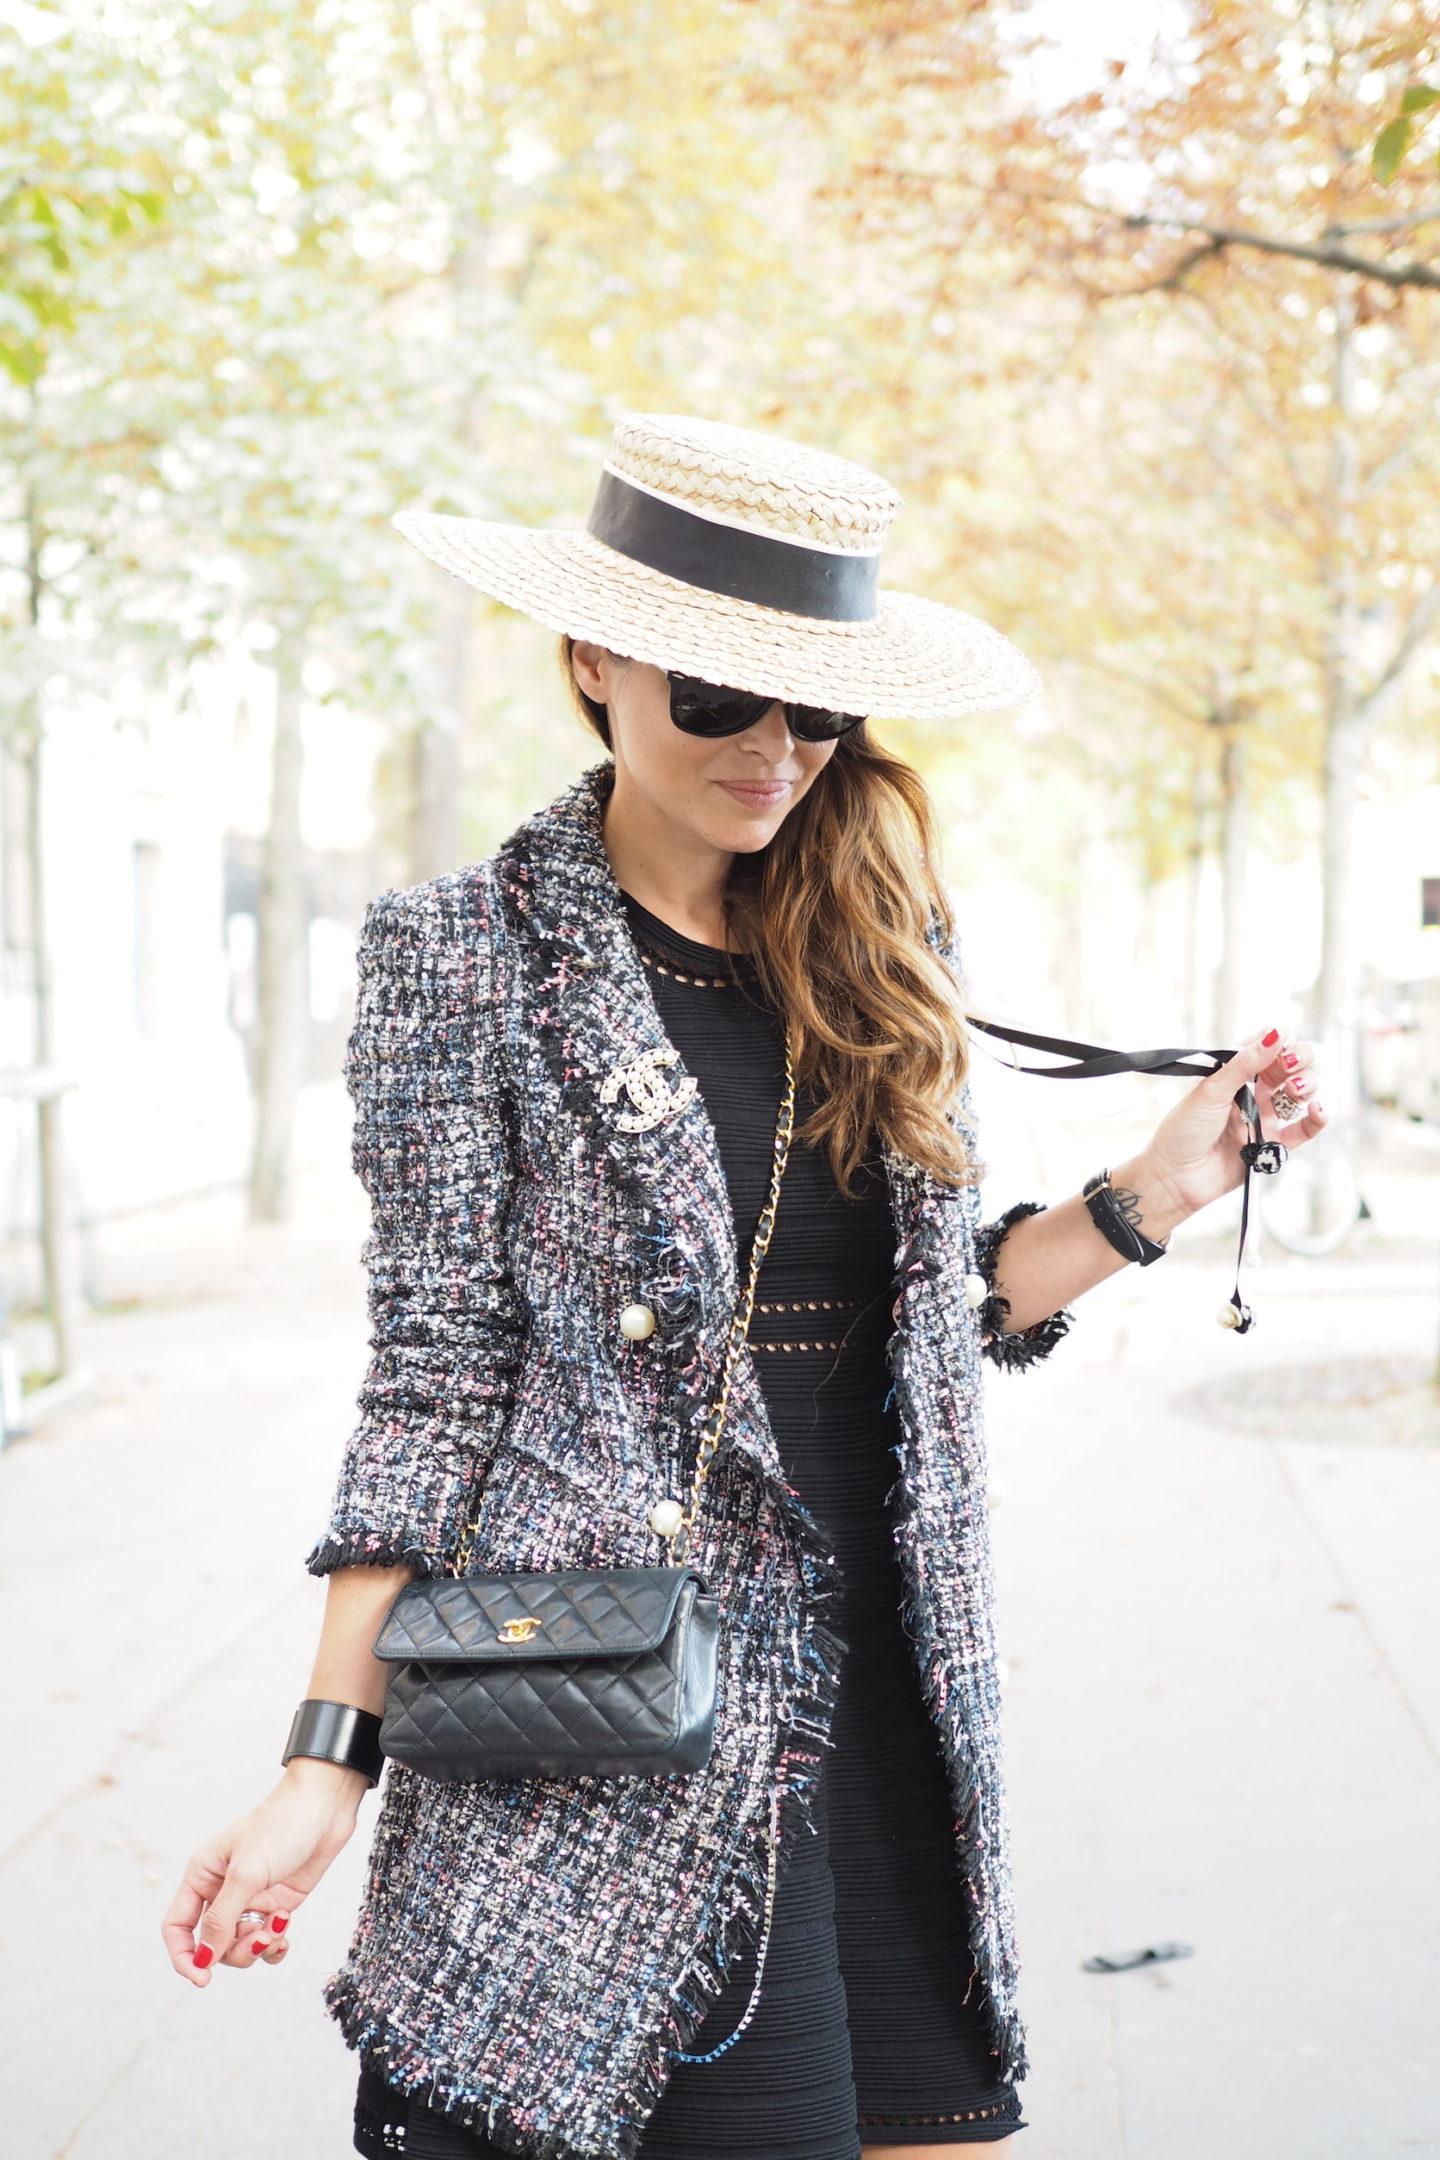 margarita-diaz-del-castillo-como-llevar-sombreros